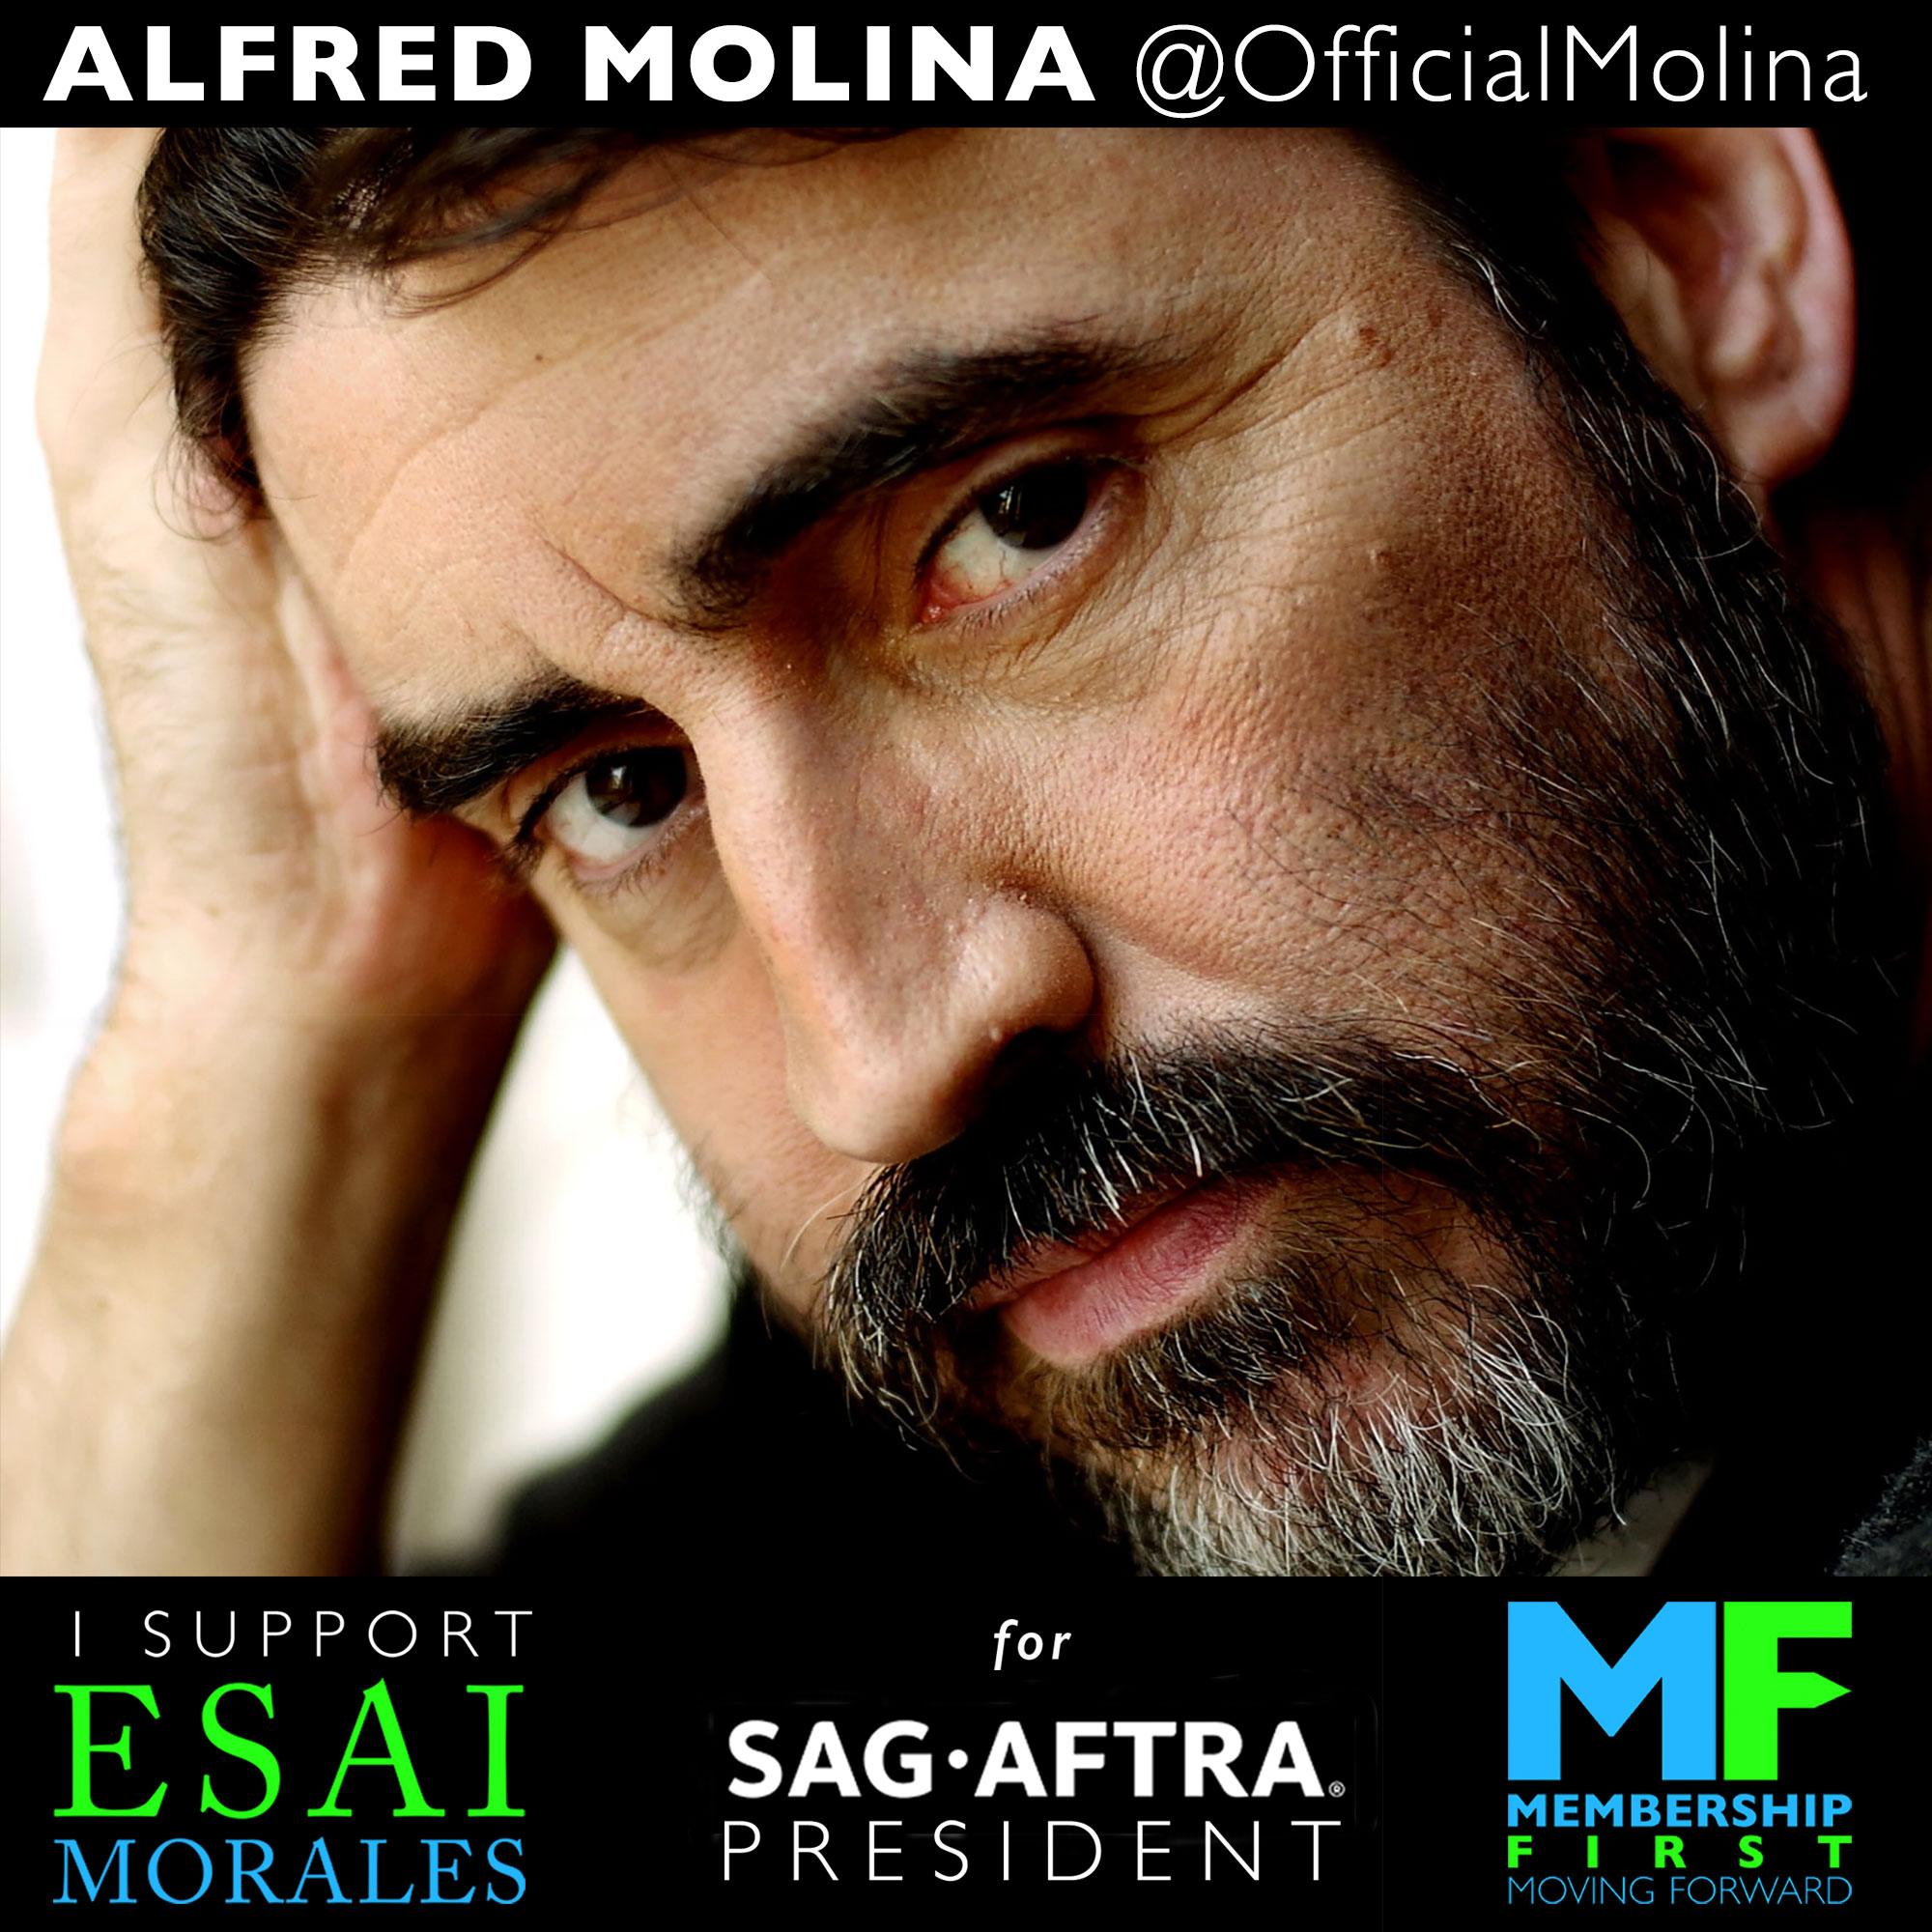 AlfredMolina.jpg